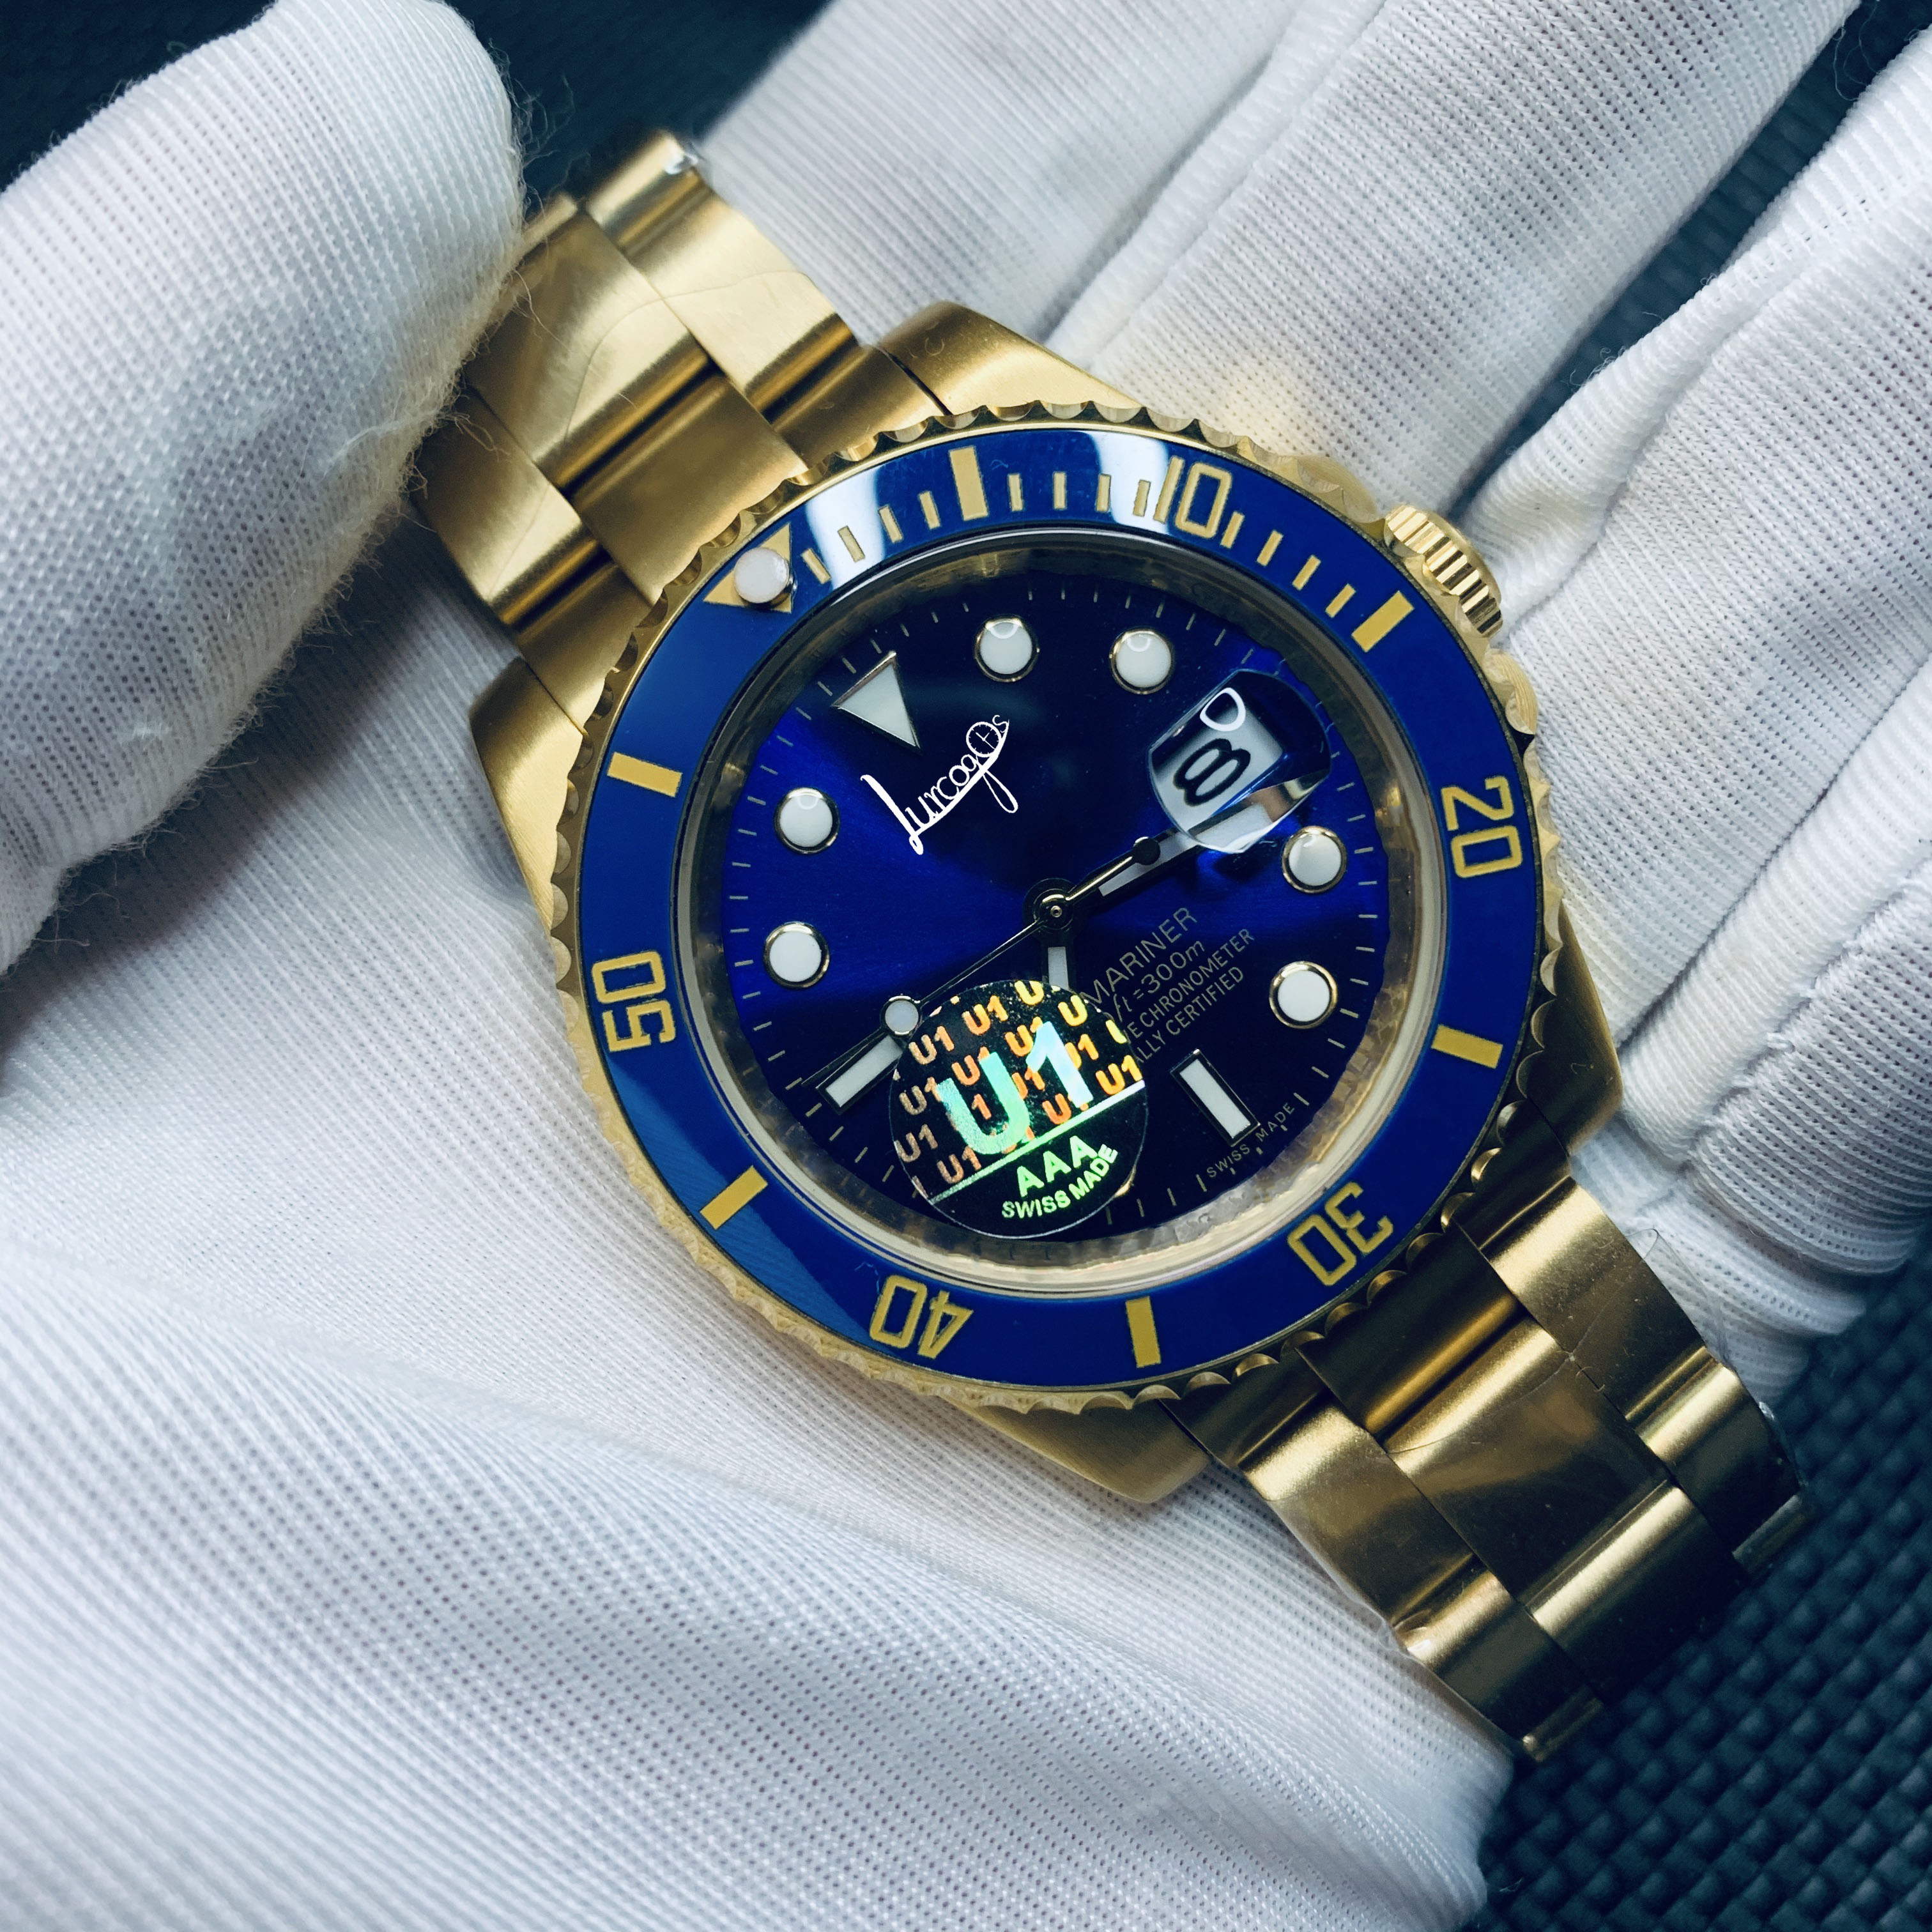 Luxury Watch AAA Men's Watch Green Bezel Waterproof Automatic Mechanical Watch Stainless Steel Sapphire Crystal Automatic Watch